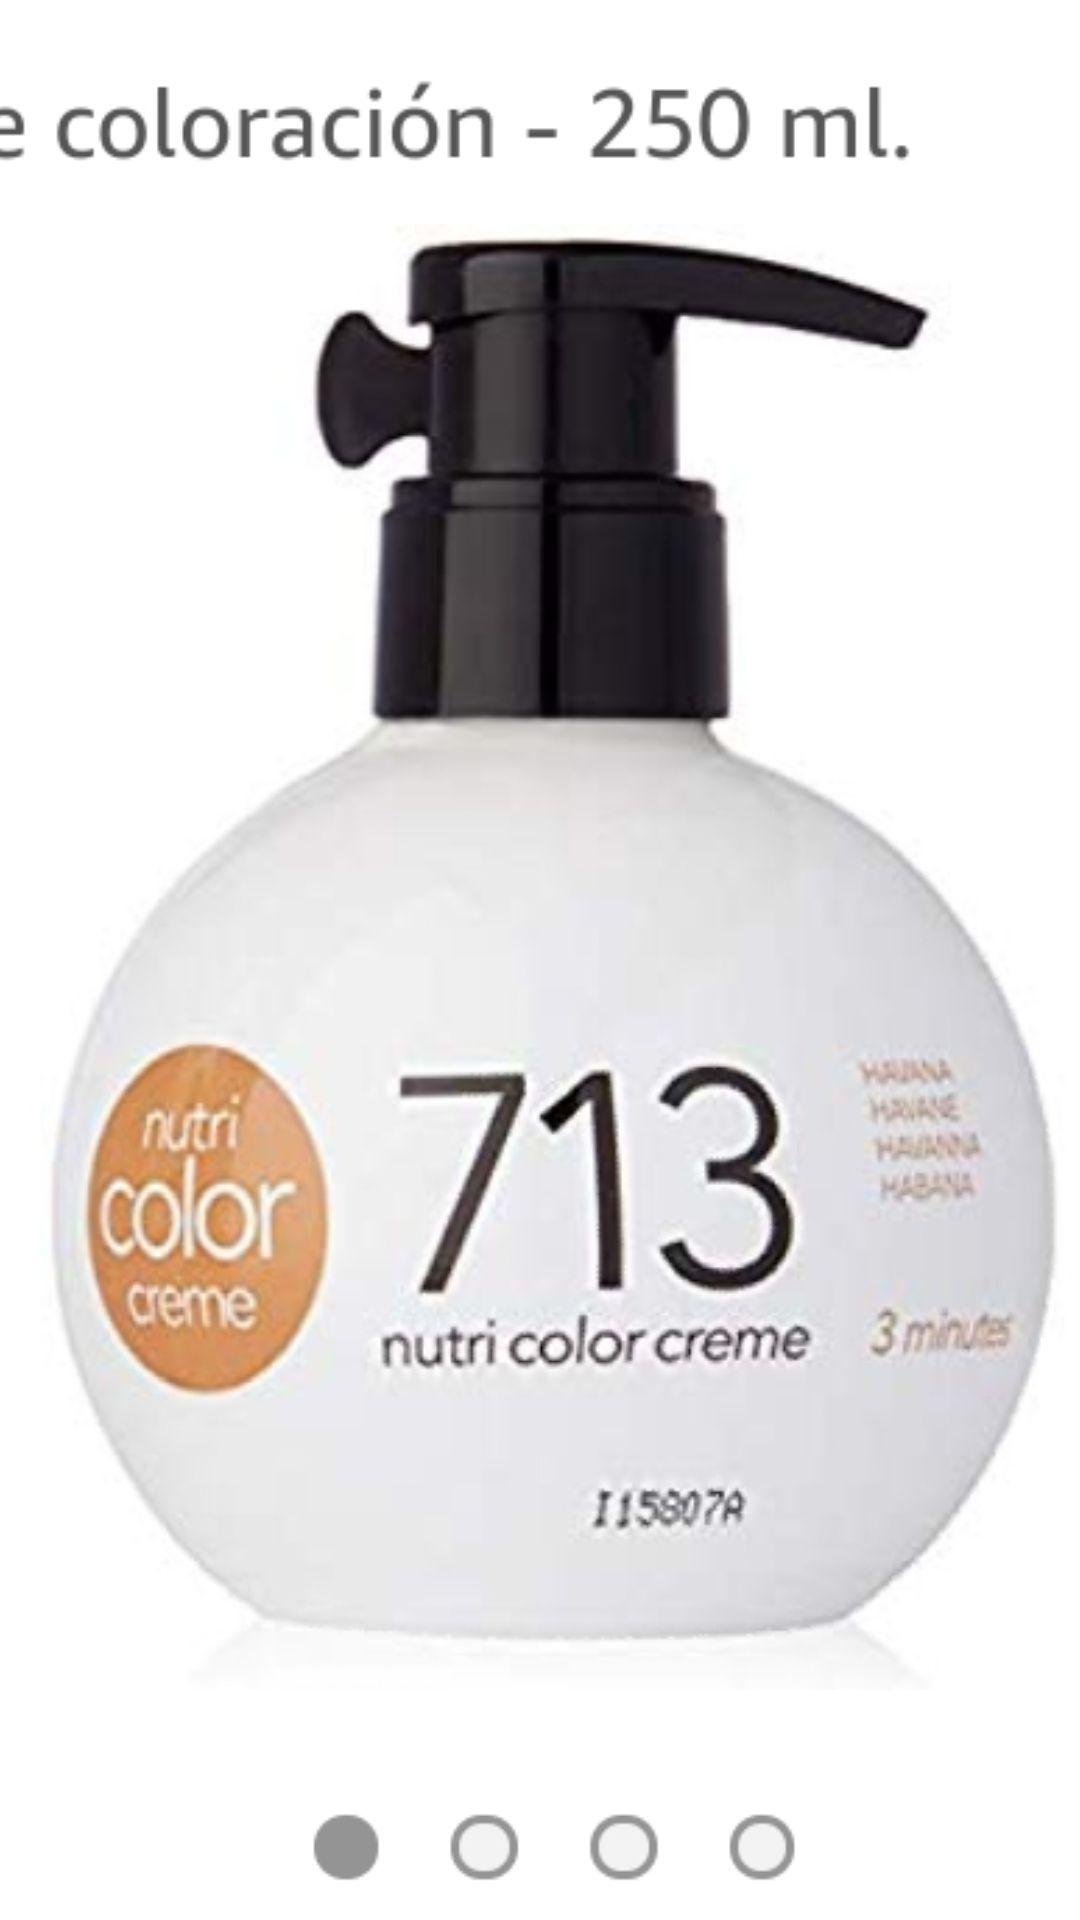 Revlon, Accesorio de coloración - 250 ml.